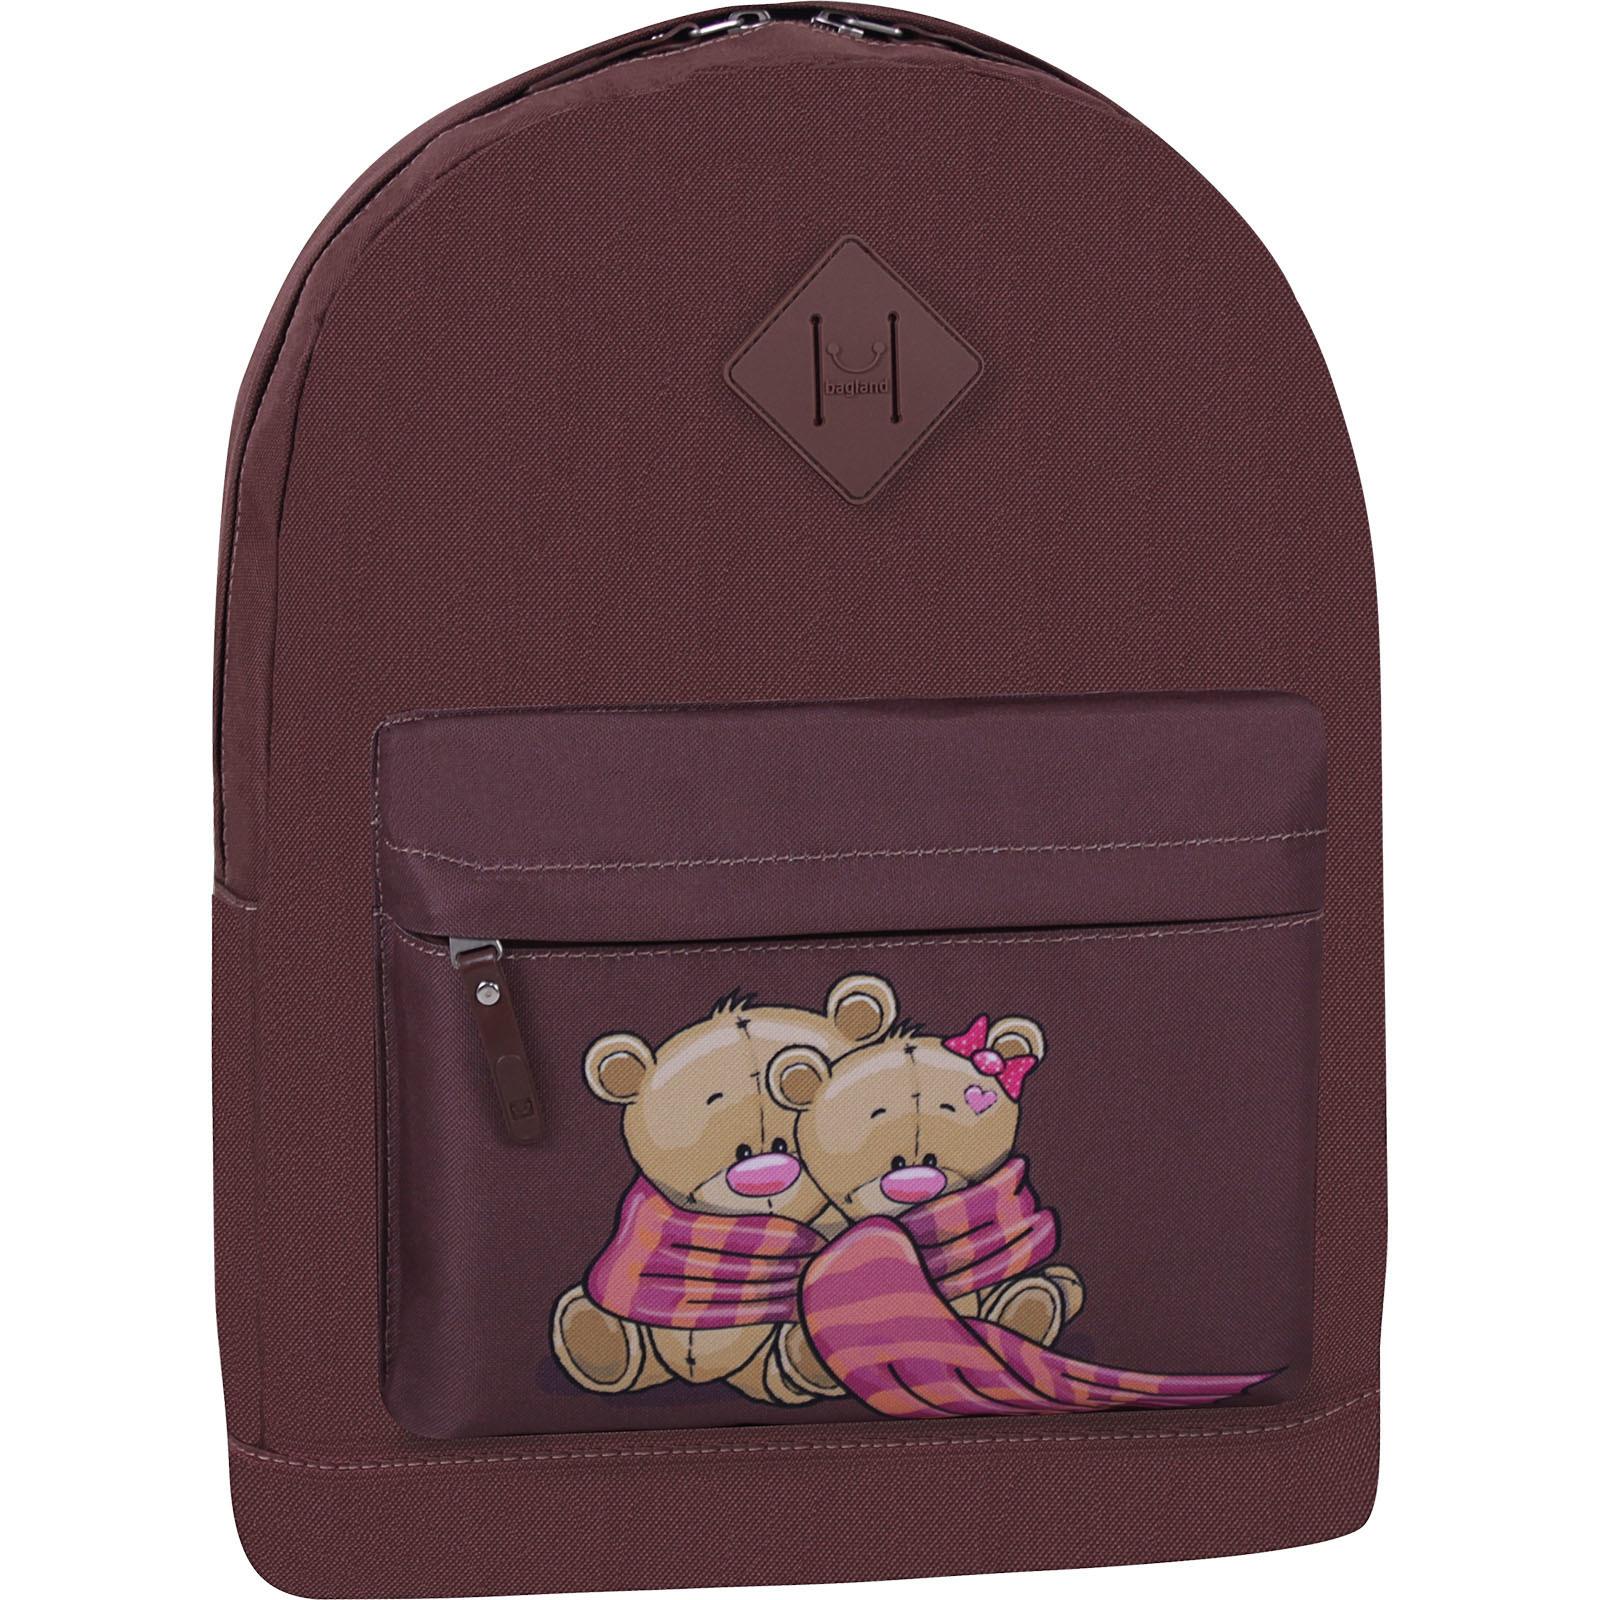 Молодежные рюкзаки Рюкзак Bagland Молодежный W/R 17 л. Коричневый 744 (00533662) IMG_7395_суб774_-1600.jpg